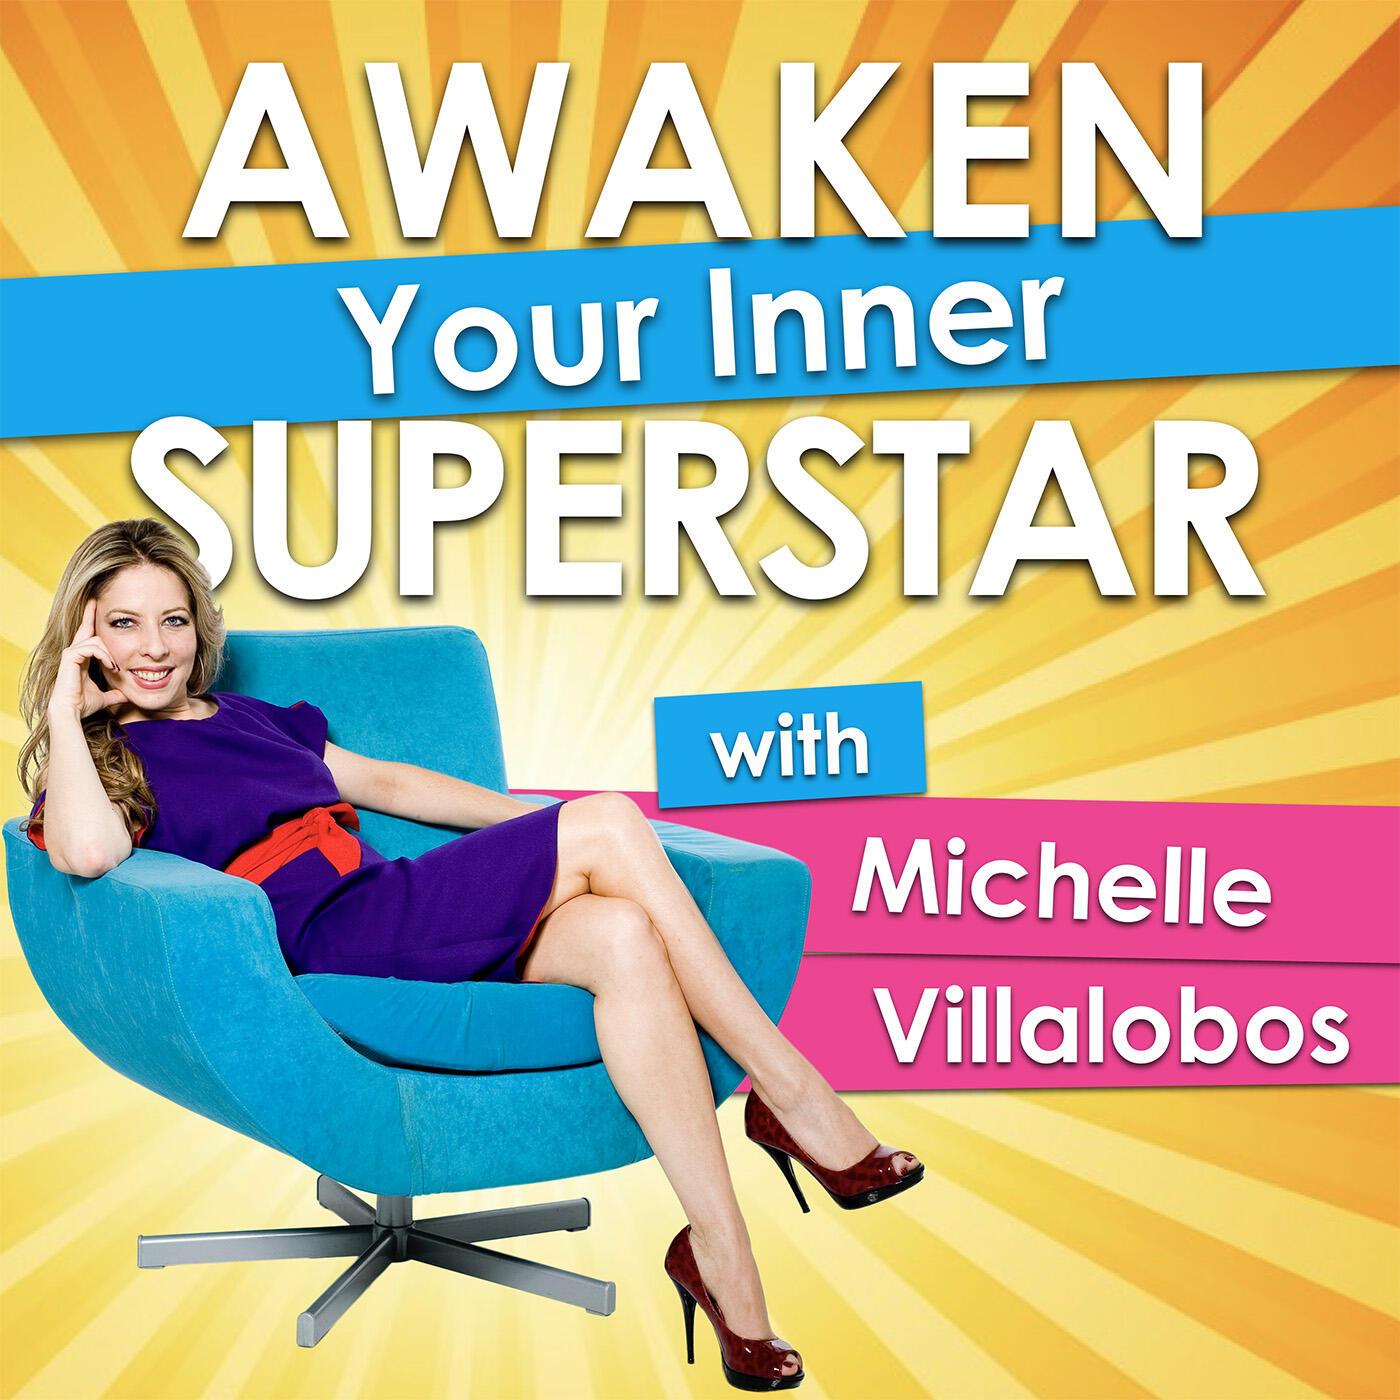 Awaken Your Inner Superstar